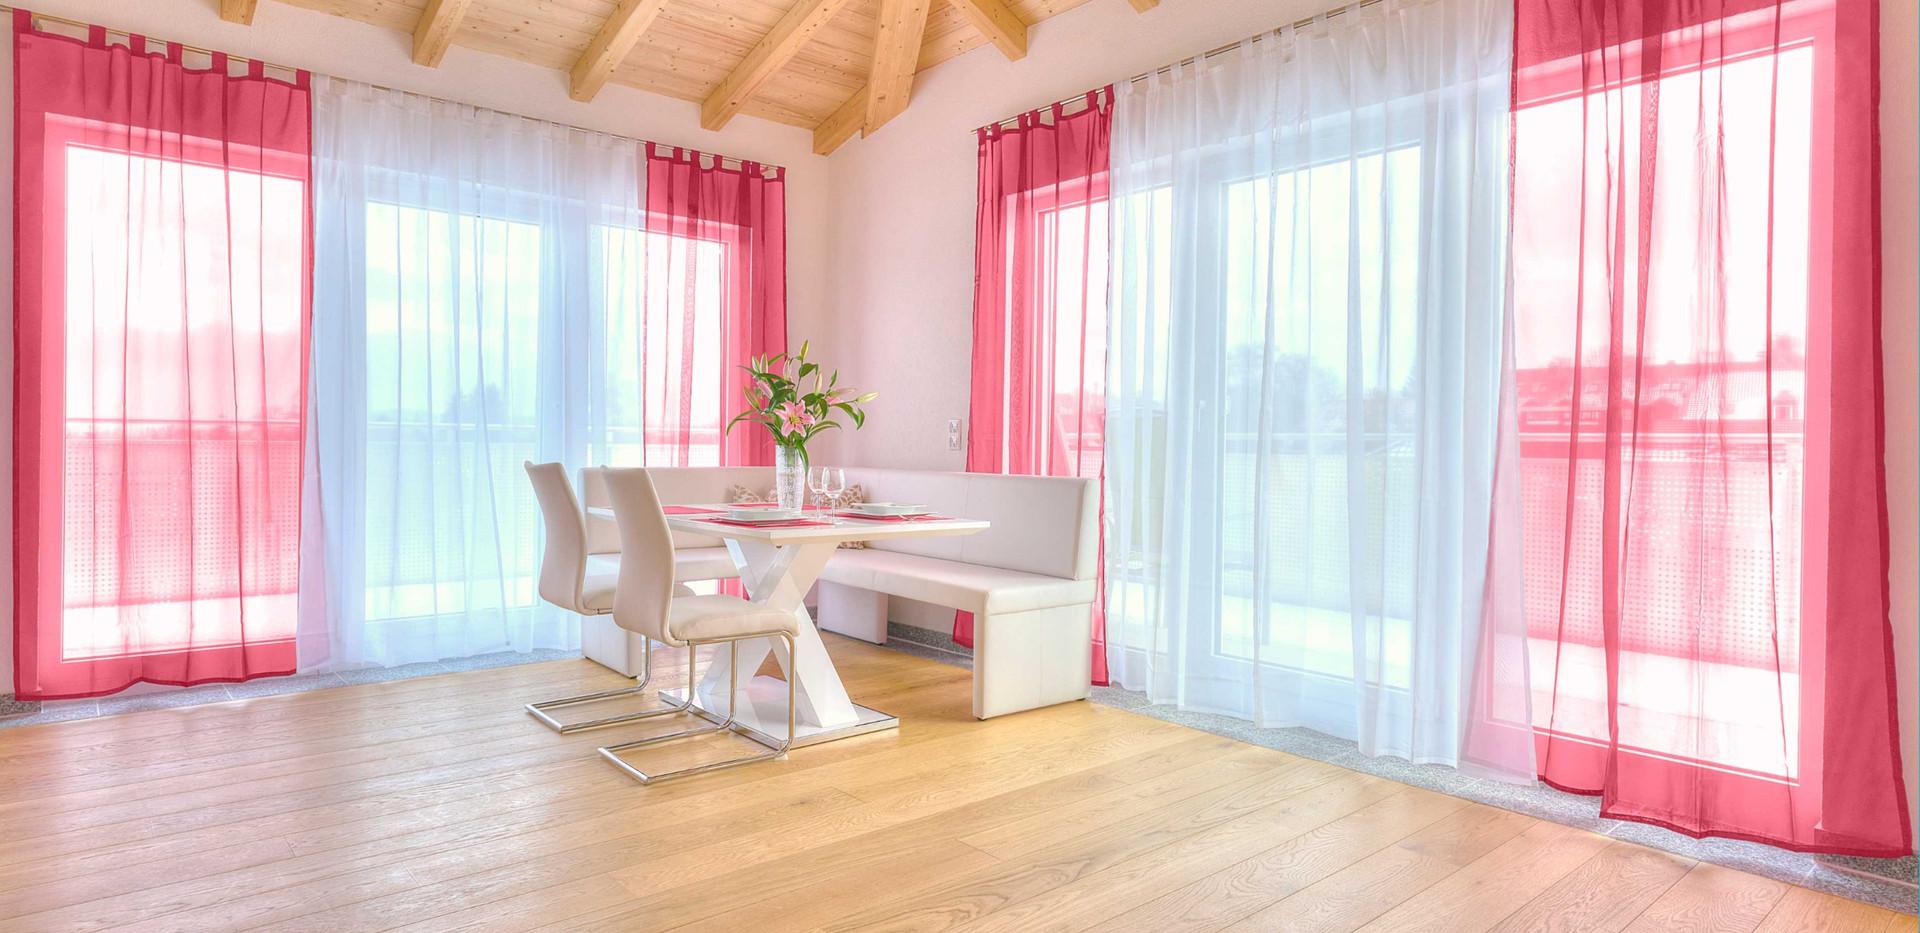 Premium_Residence_Bad_Toelz_02.jpg